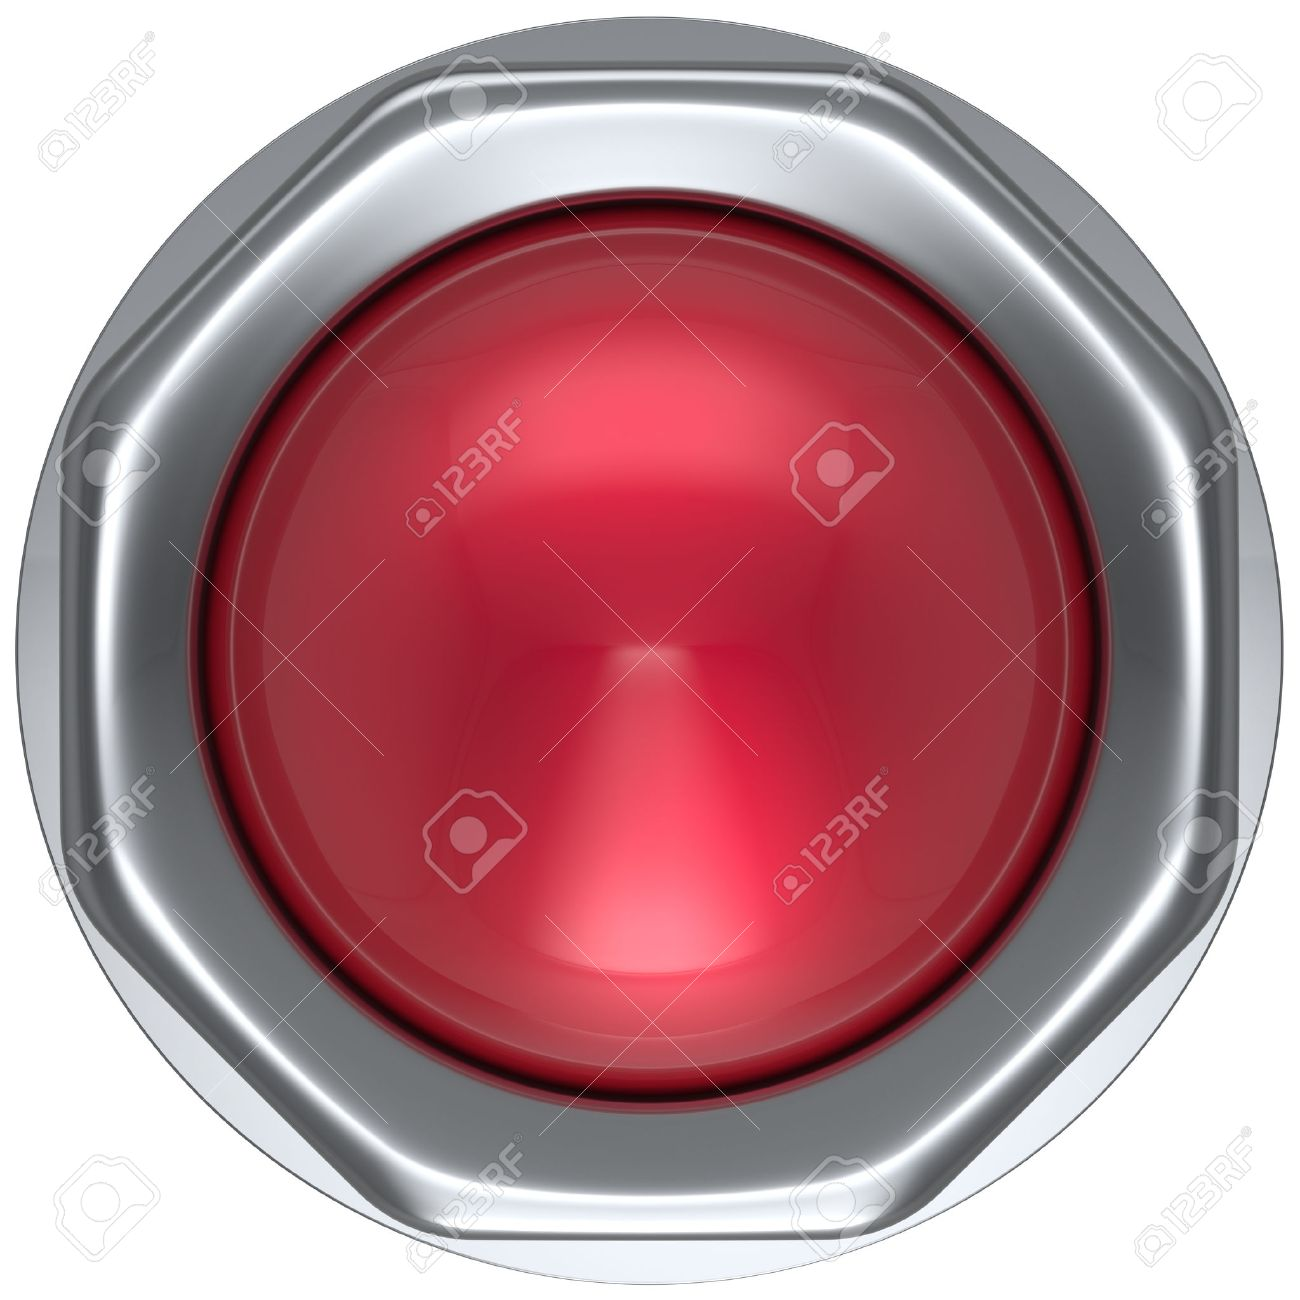 Knopf Rot Militär Spiel Panik Beginnen Nach Unten Auf Aktion Push ...